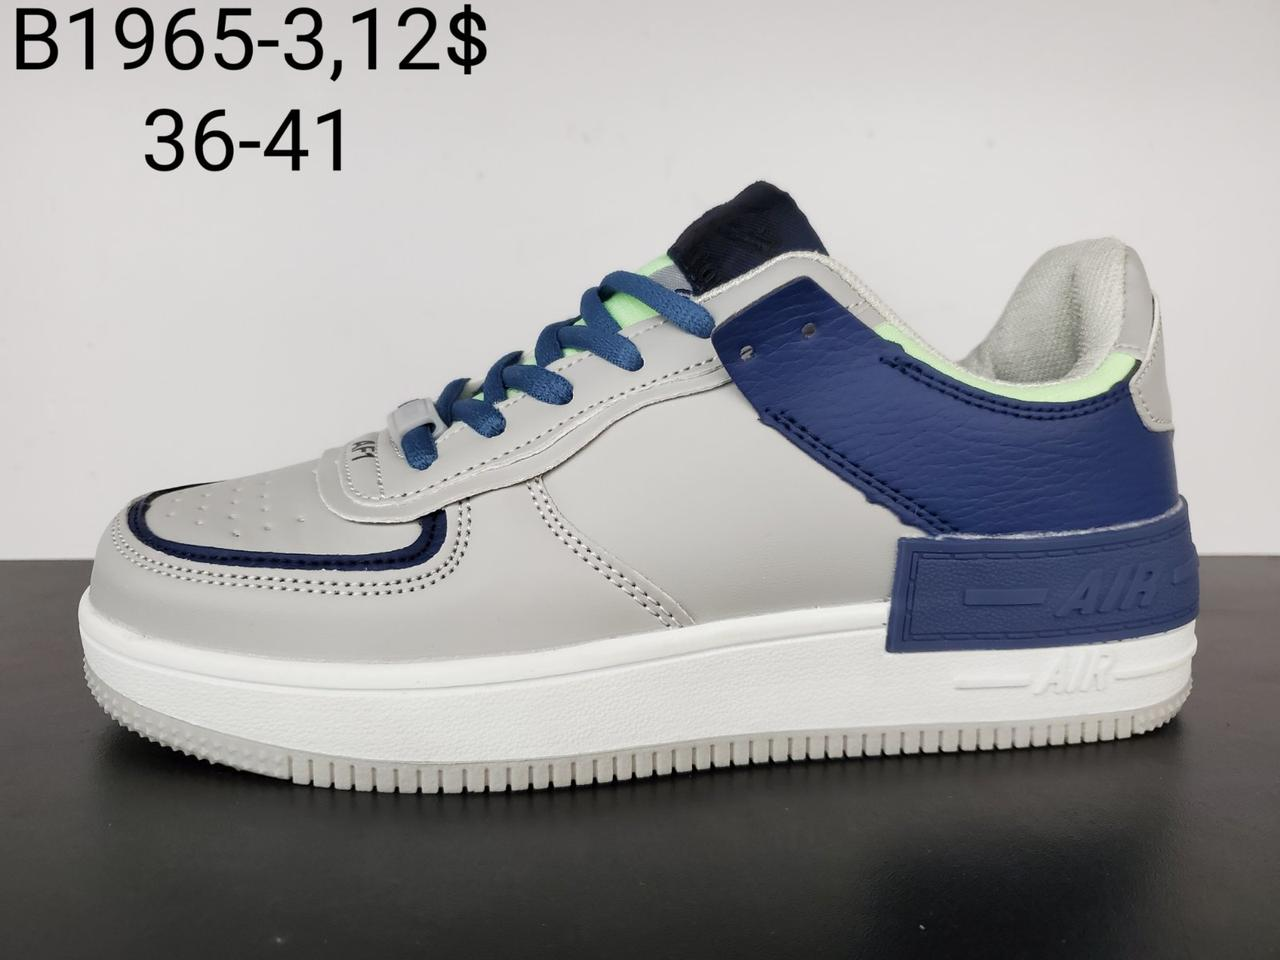 Підліткові кросівки Ditof оптом (36-41)